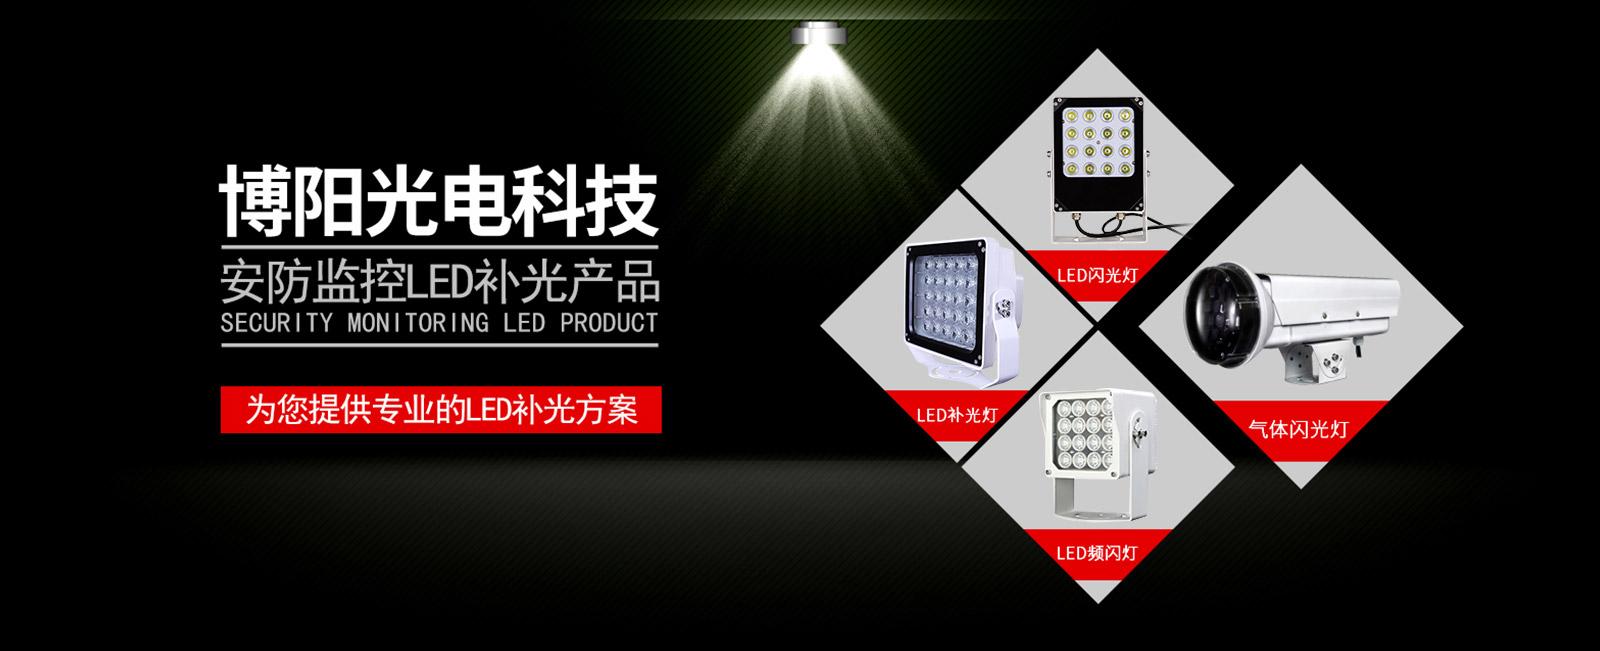 安全OR成像效果離不開紅外白光一體爆閃燈與暖光補光燈